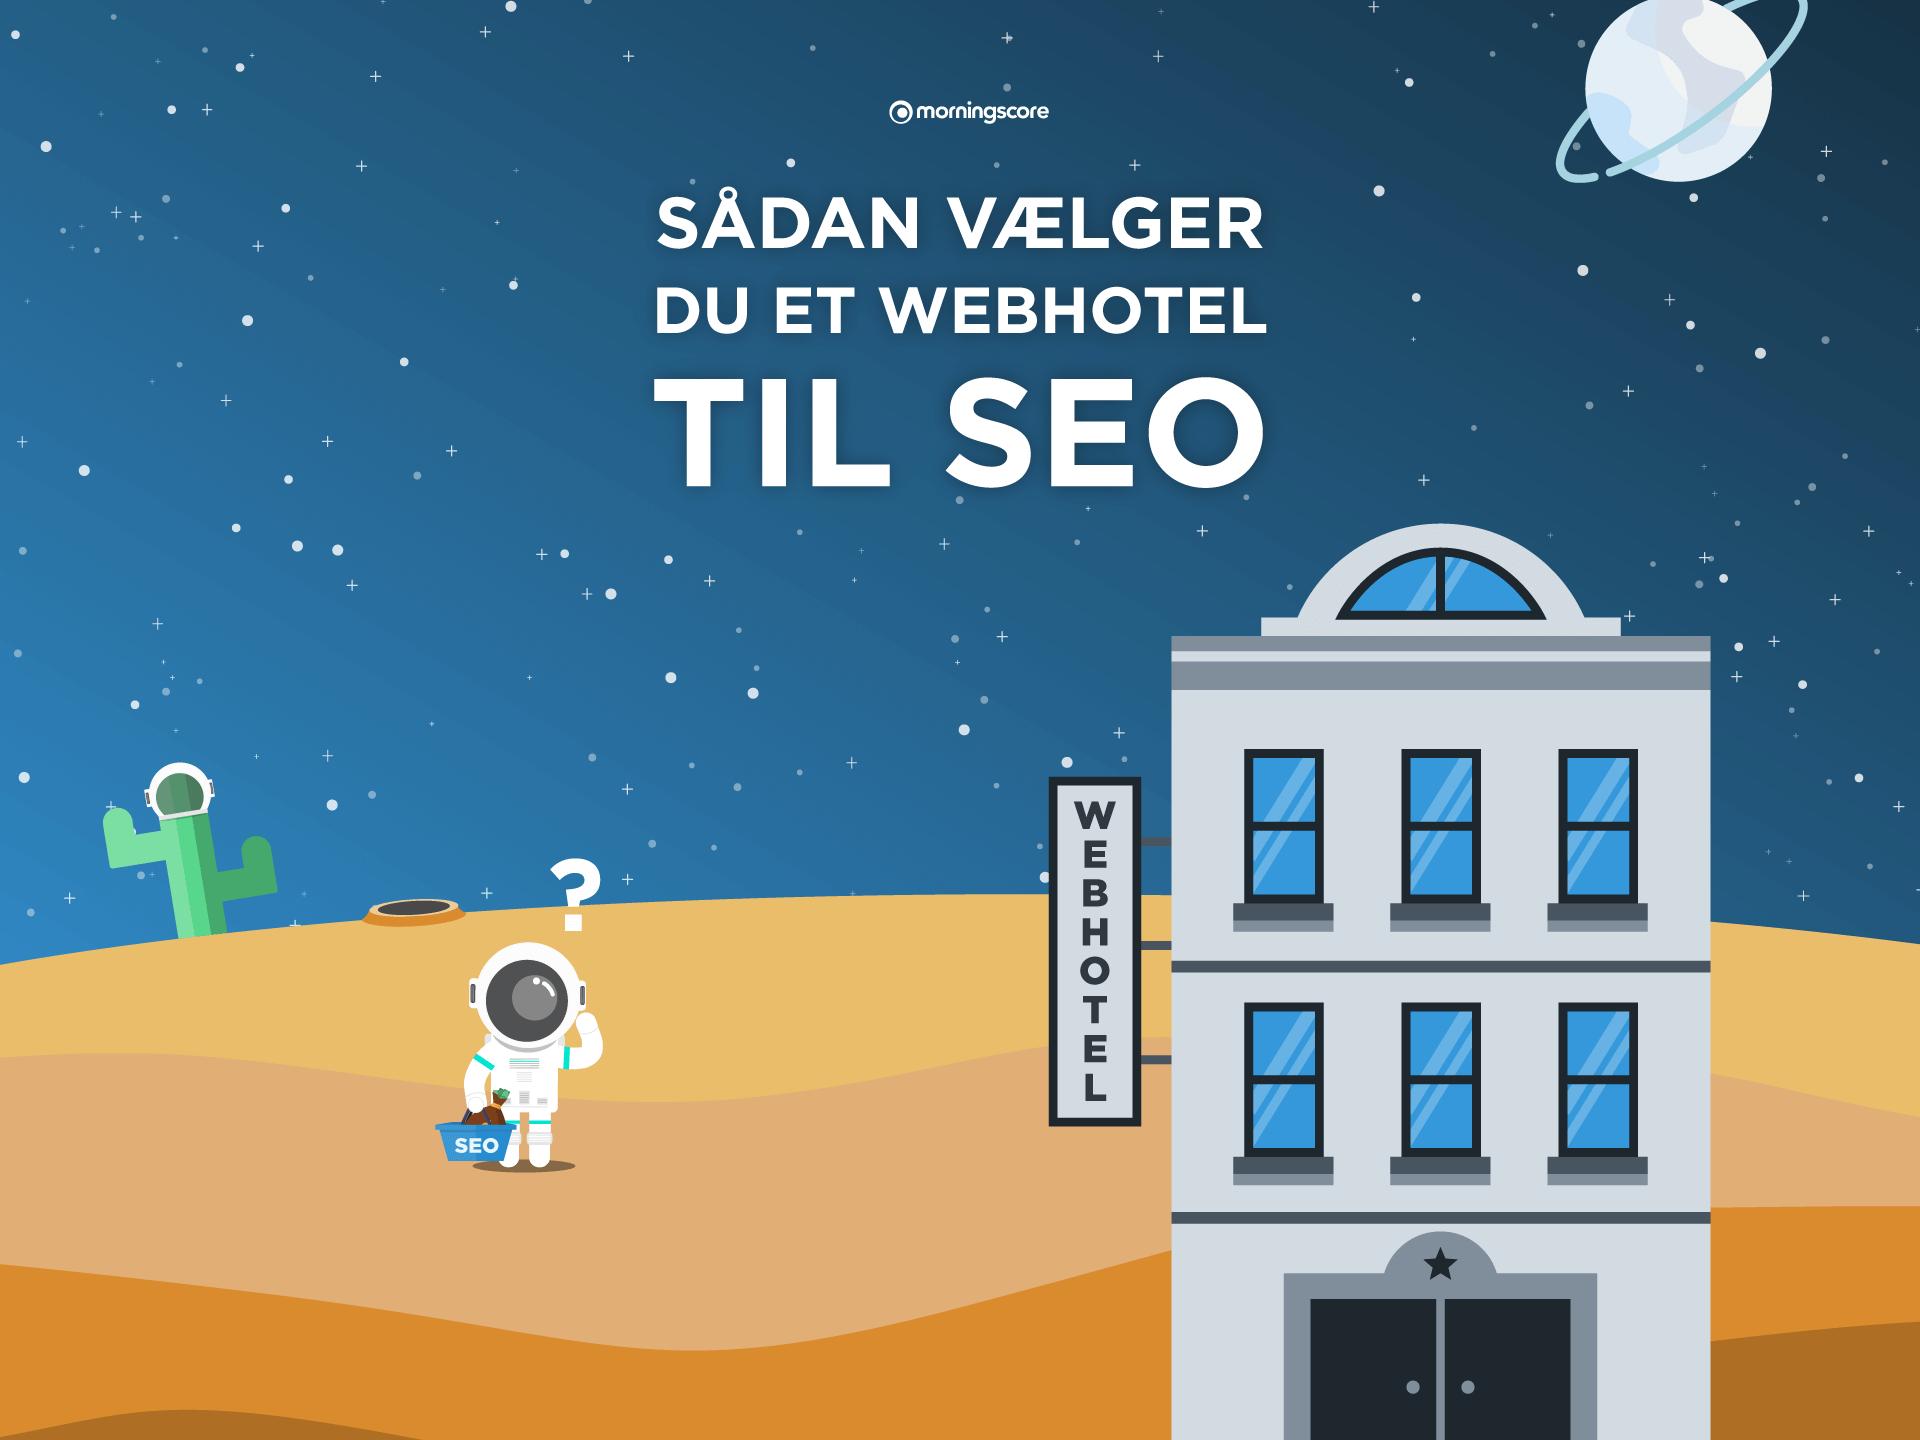 Sådan vælger du et webhotel der styrker din SEO